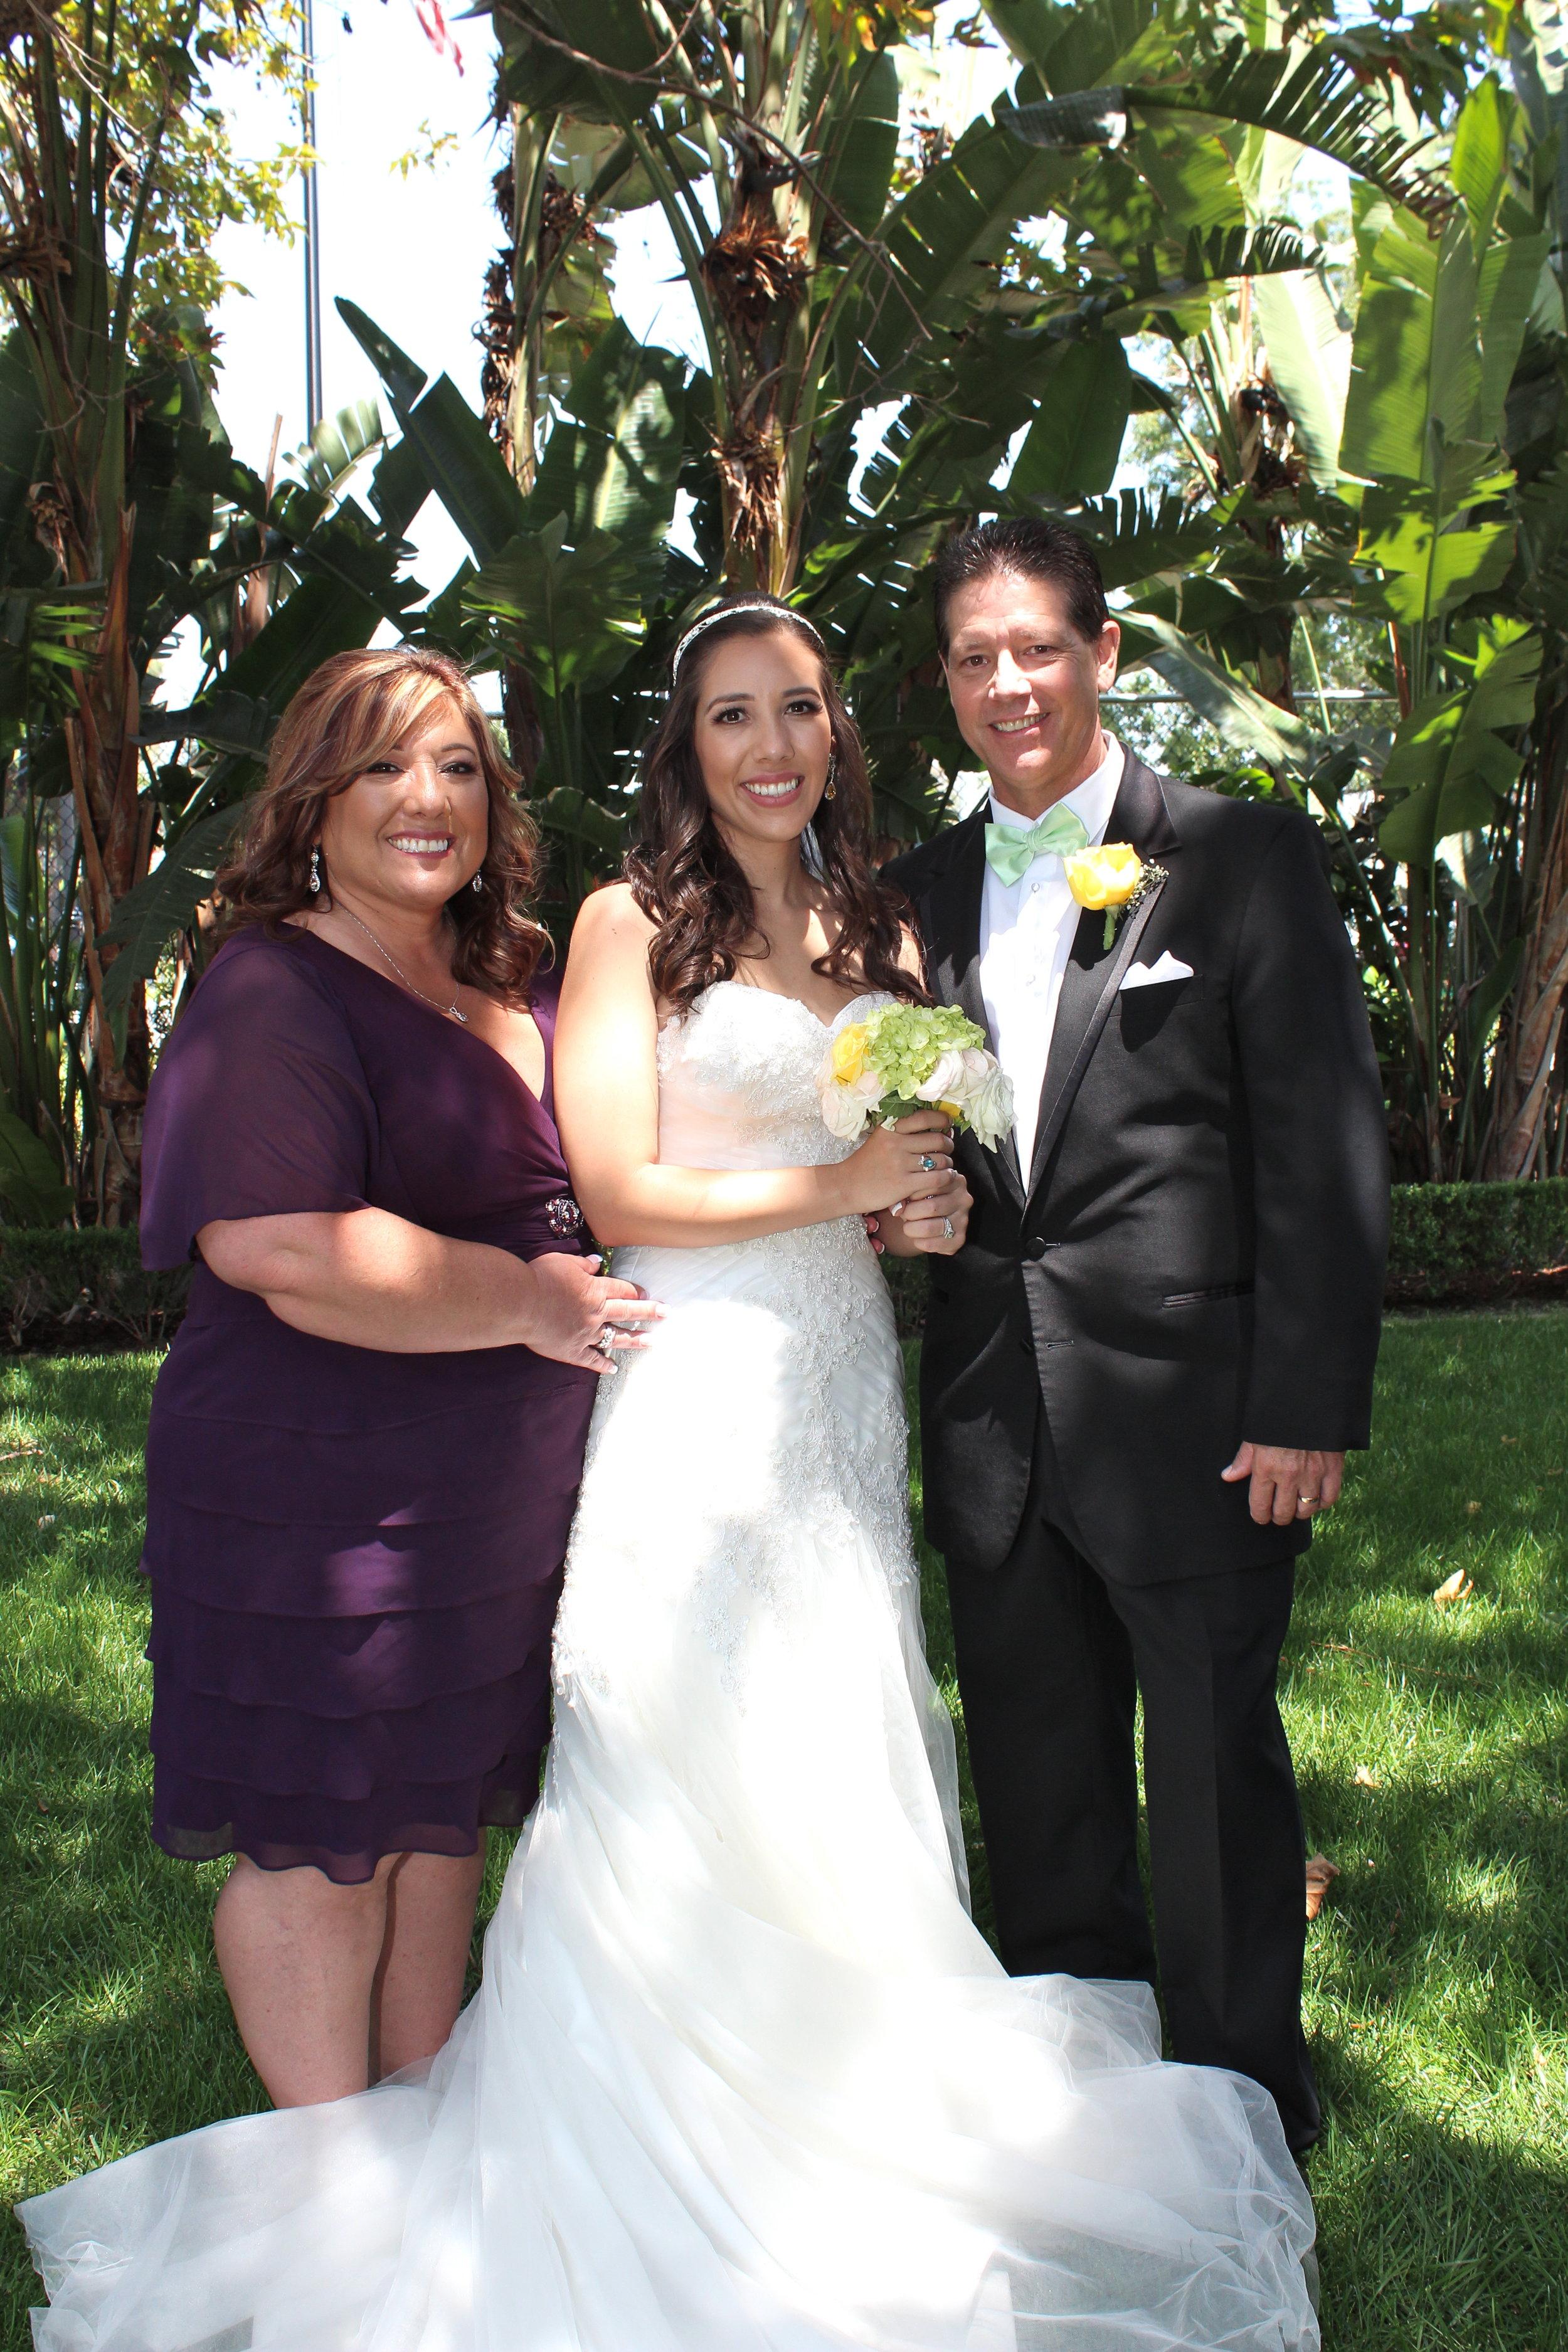 motherandfatherwithbrideparamountwedding